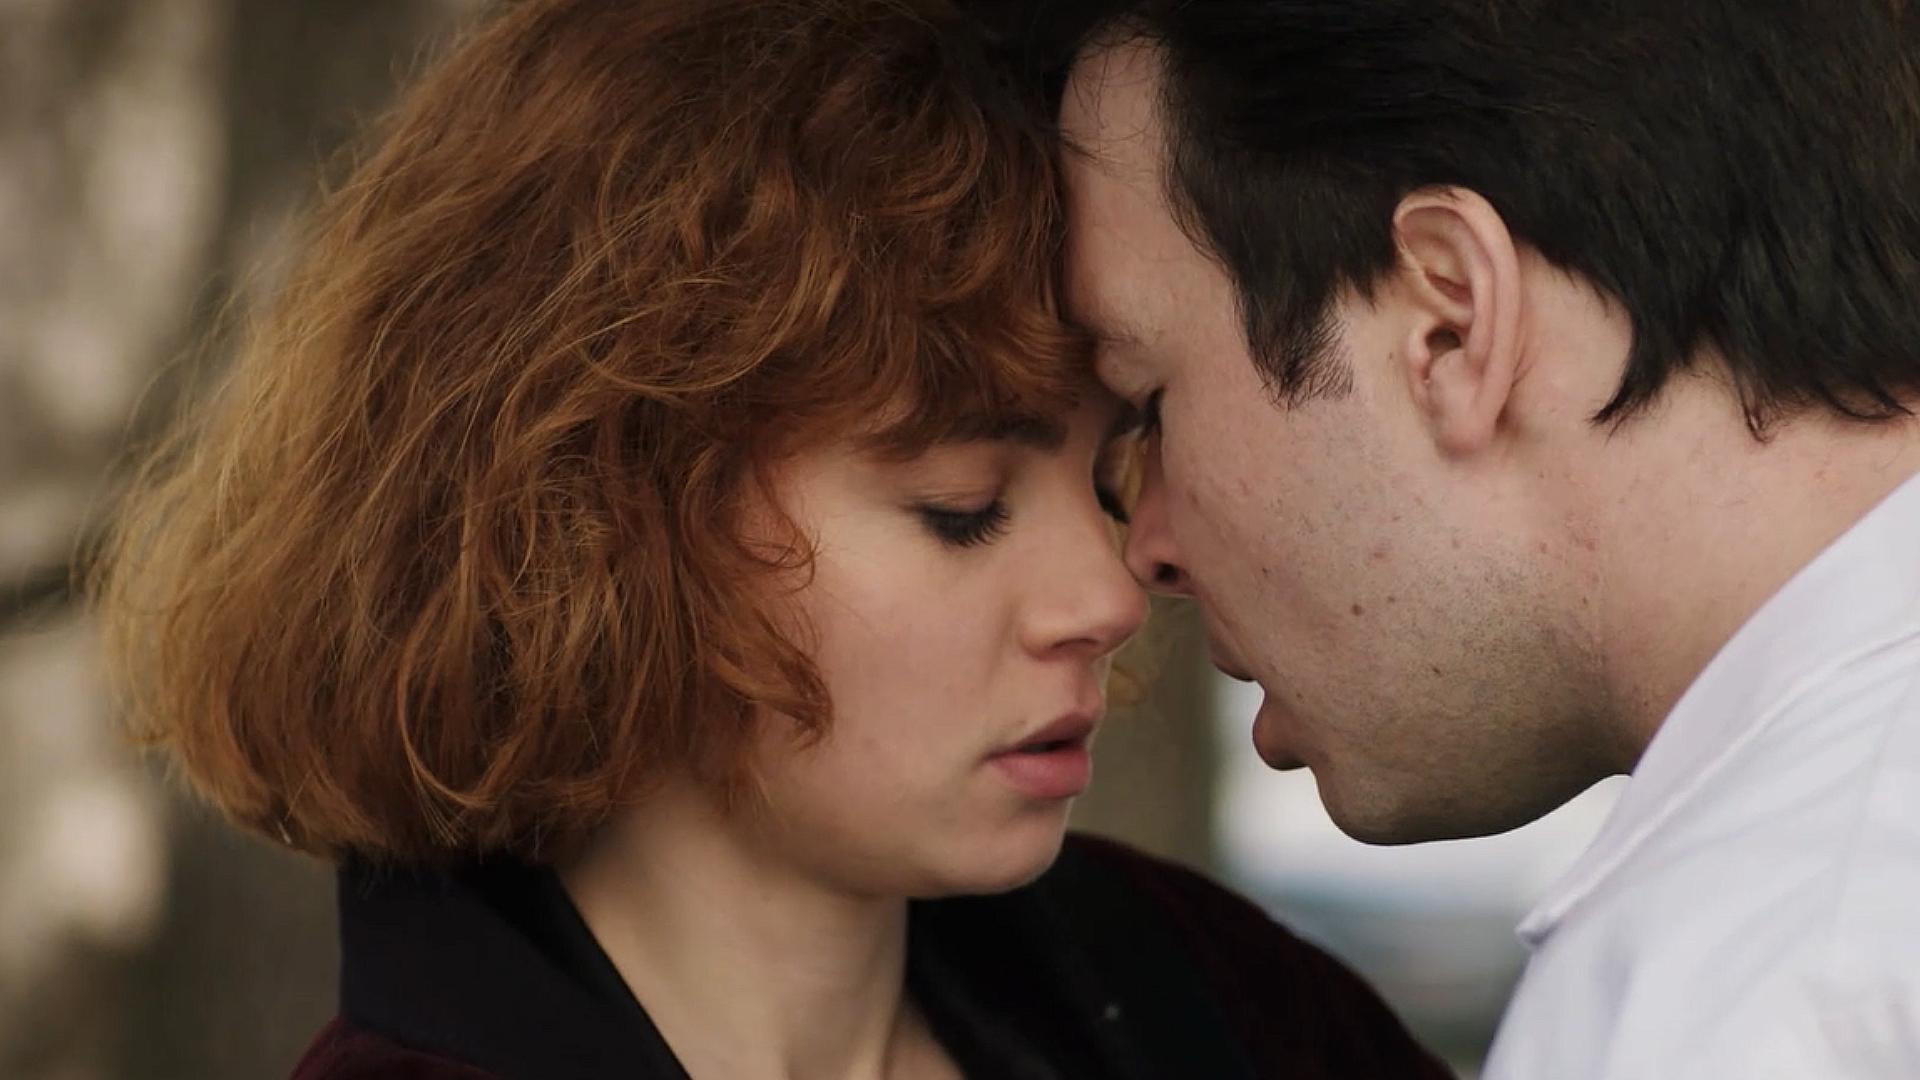 El primer beso entre María y Jorge